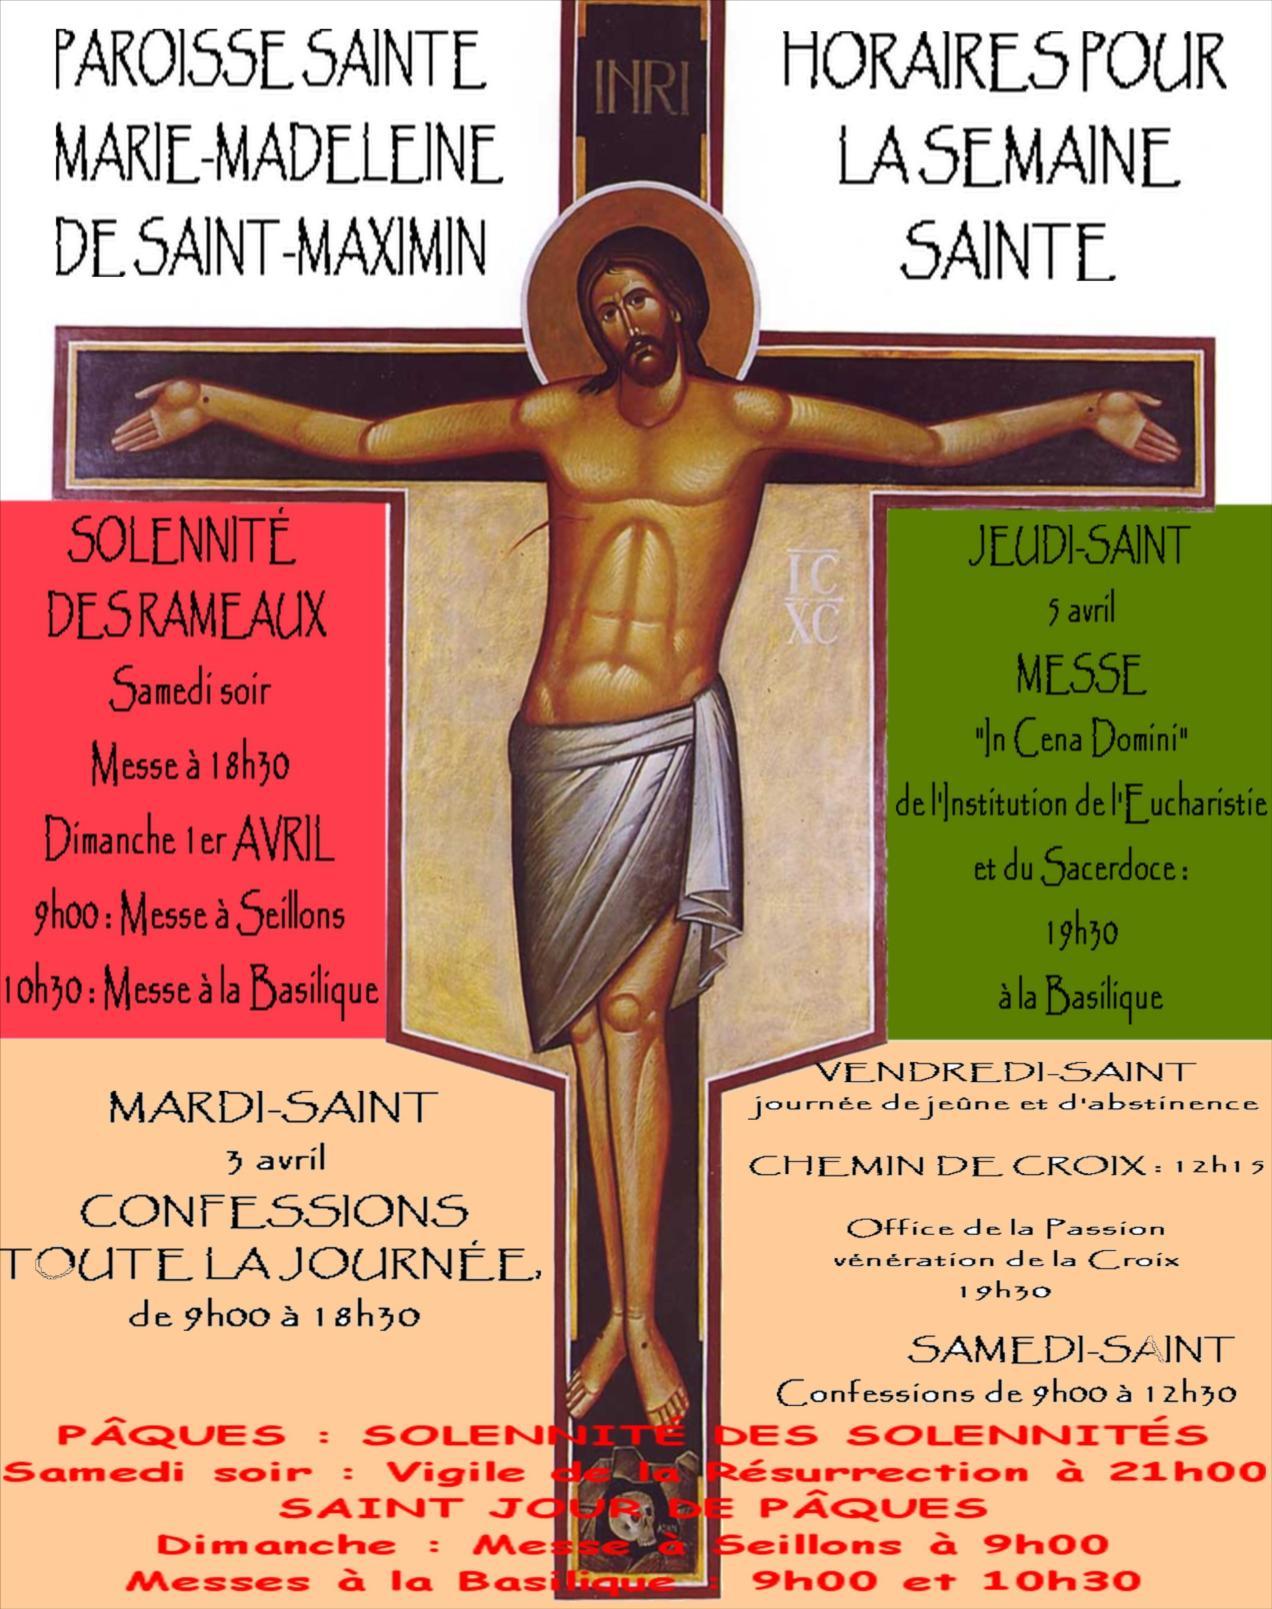 Rencontre Femme Maine et Loire - Site de rencontre gratuit Maine et Loire